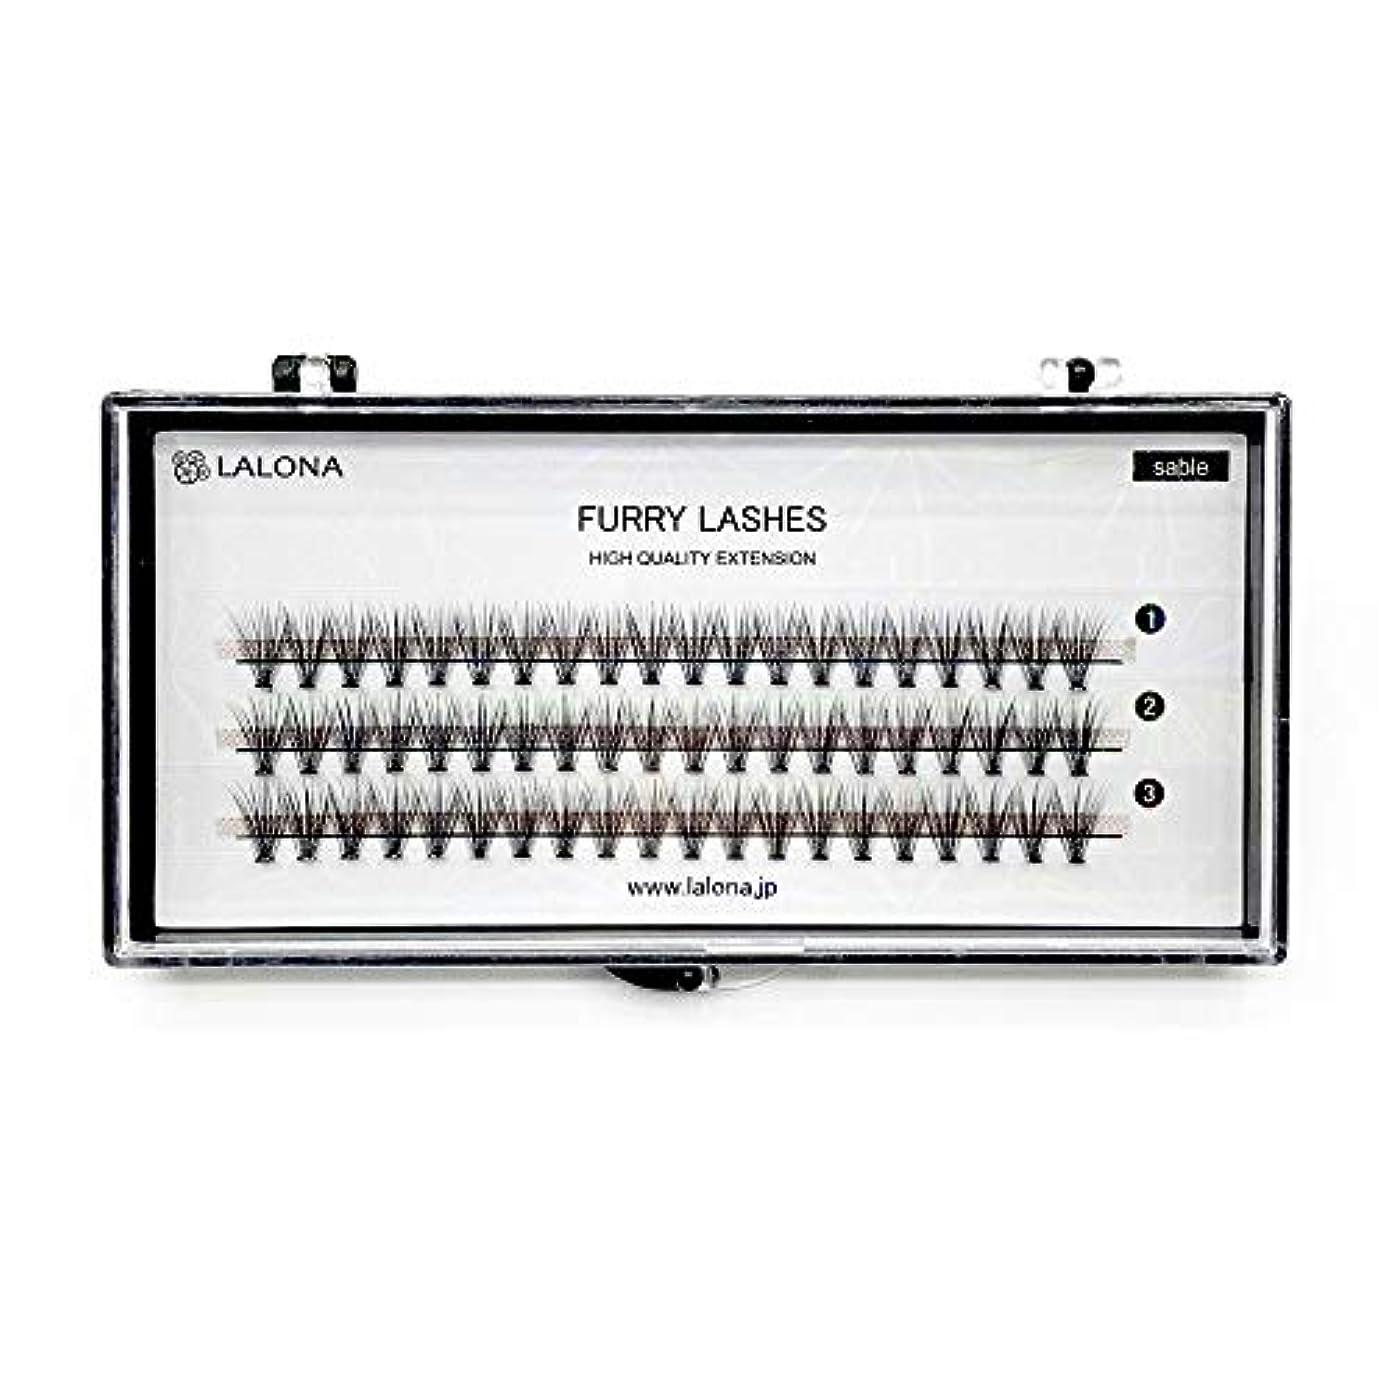 もっともらしい入り口田舎者LALONA [ ラローナ ] ファーリーラッシュ (30D) (60pcs) まつげエクステ 30本束 フレアラッシュ まつエク マツエク 束まつげ セーブル (0.05 / 10mm)